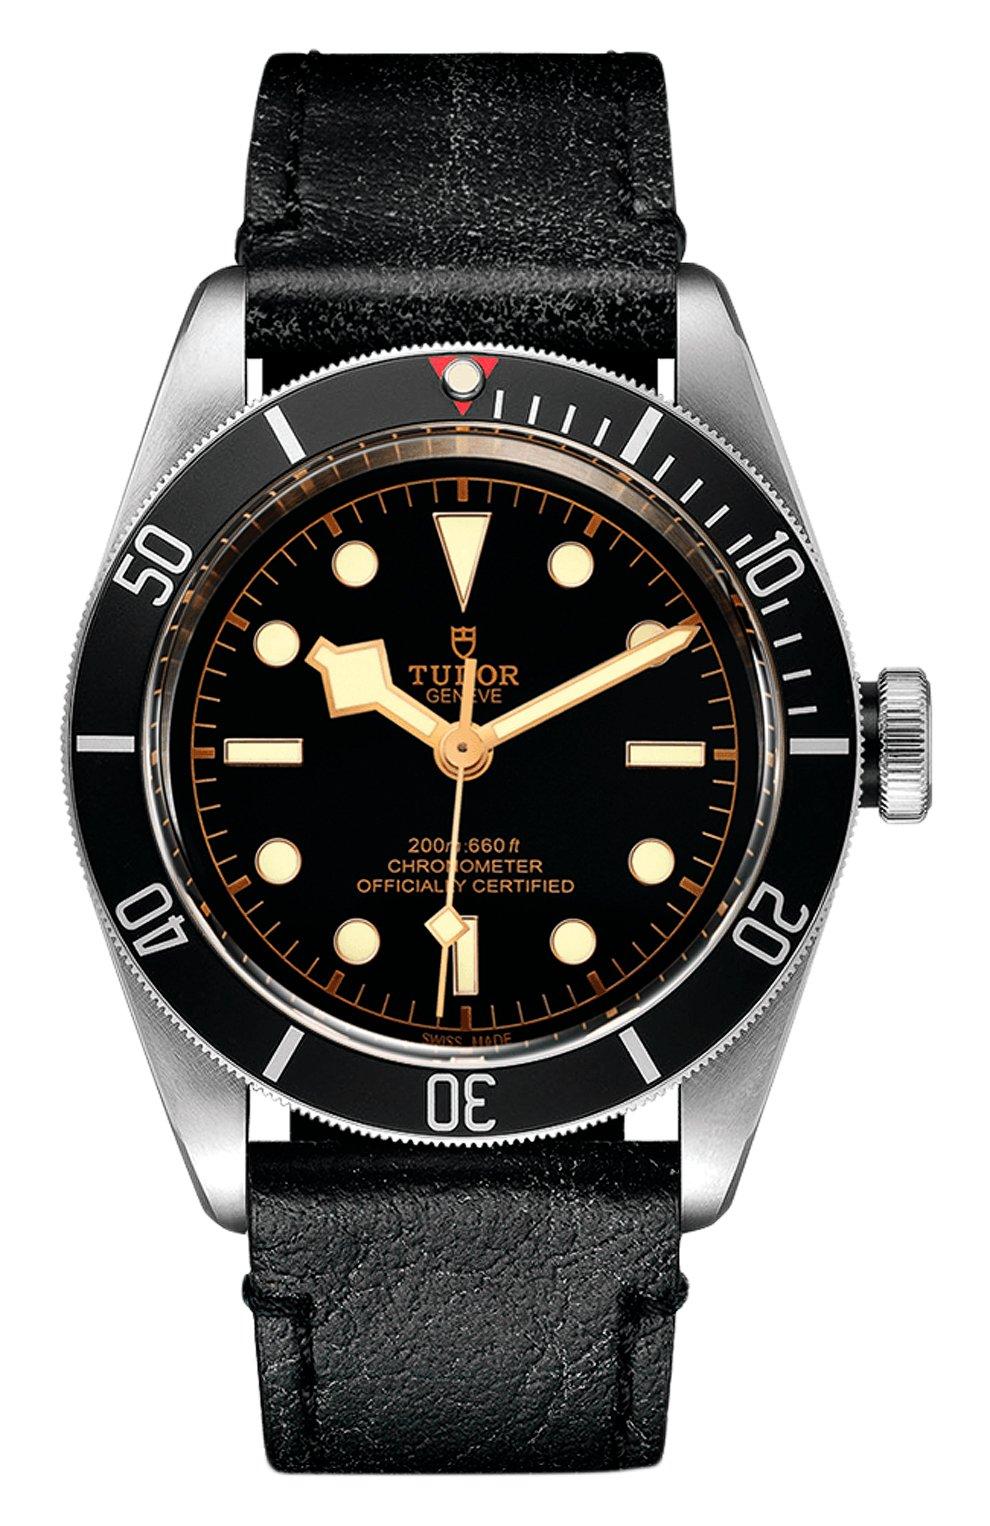 Мужские часы black bay TUDOR бесцветного цвета, арт. 79230N/CALF/BLACK   Фото 1 (Механизм: Автомат; Материал корпуса: Сталь; Цвет циферблата: Чёрный)